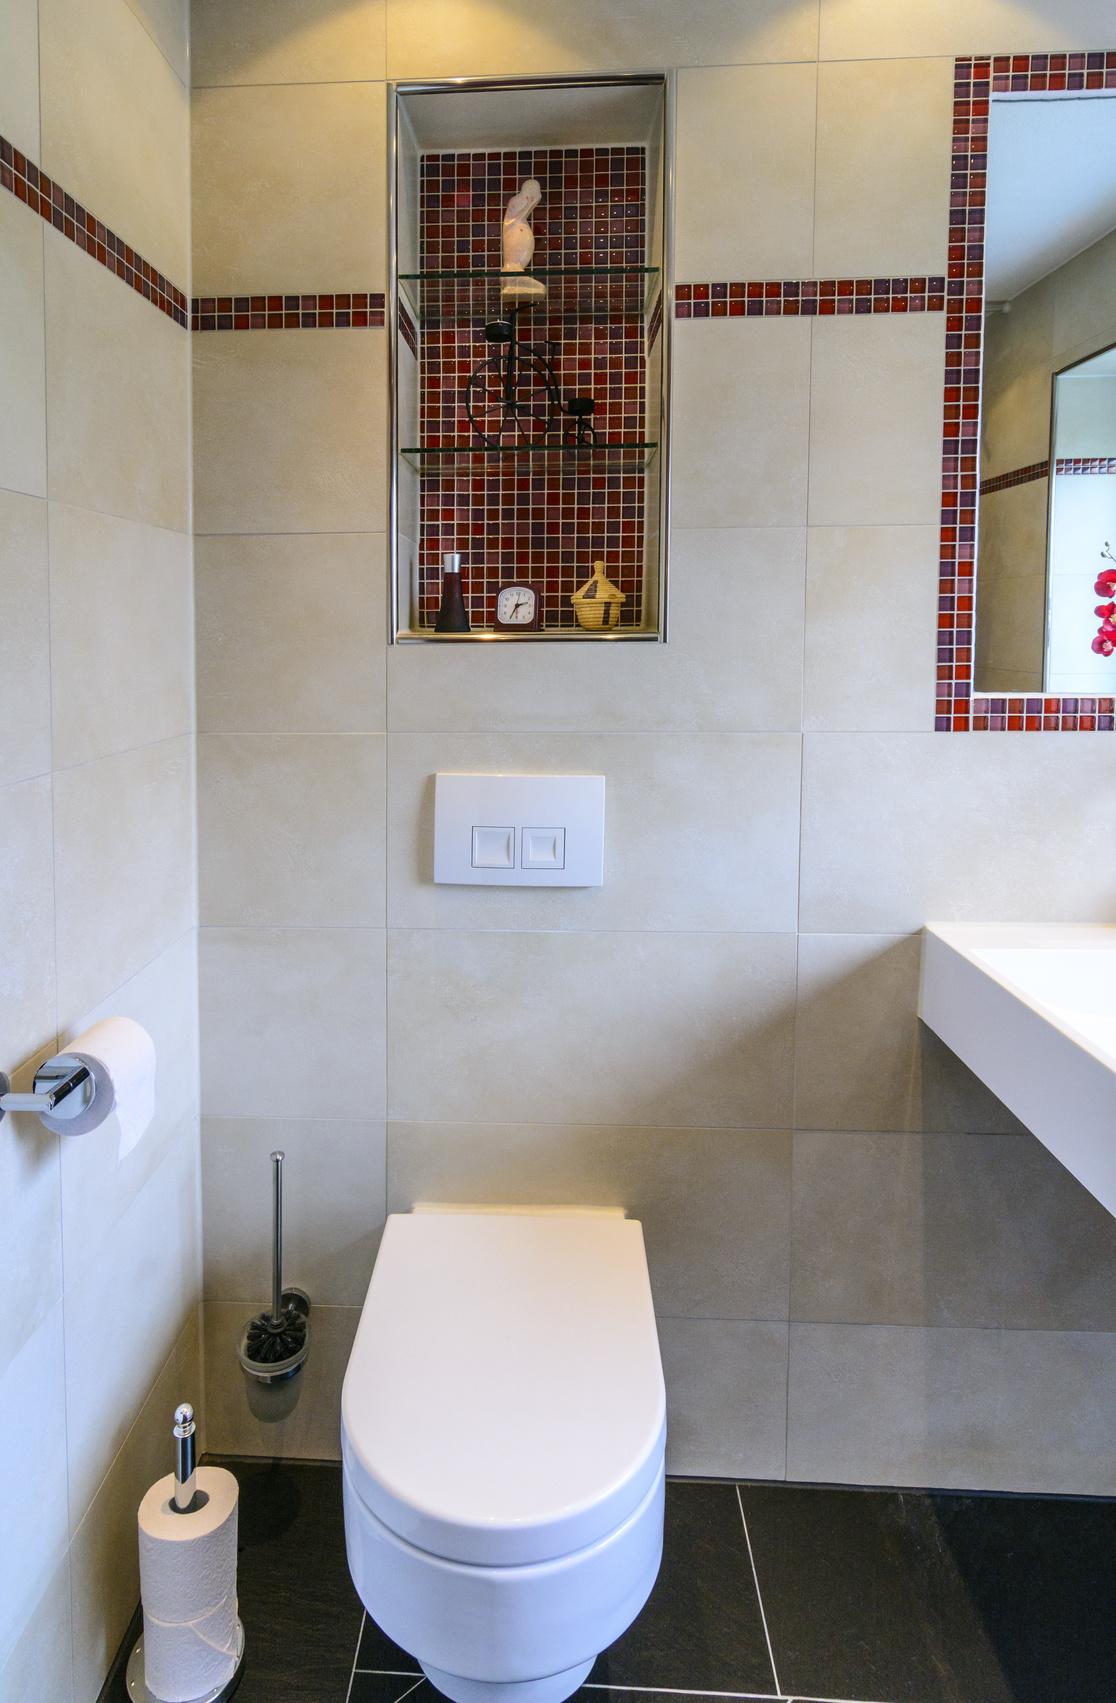 das wc - wichtiges rund ums stille Örtchen - kai hetze heiz- und